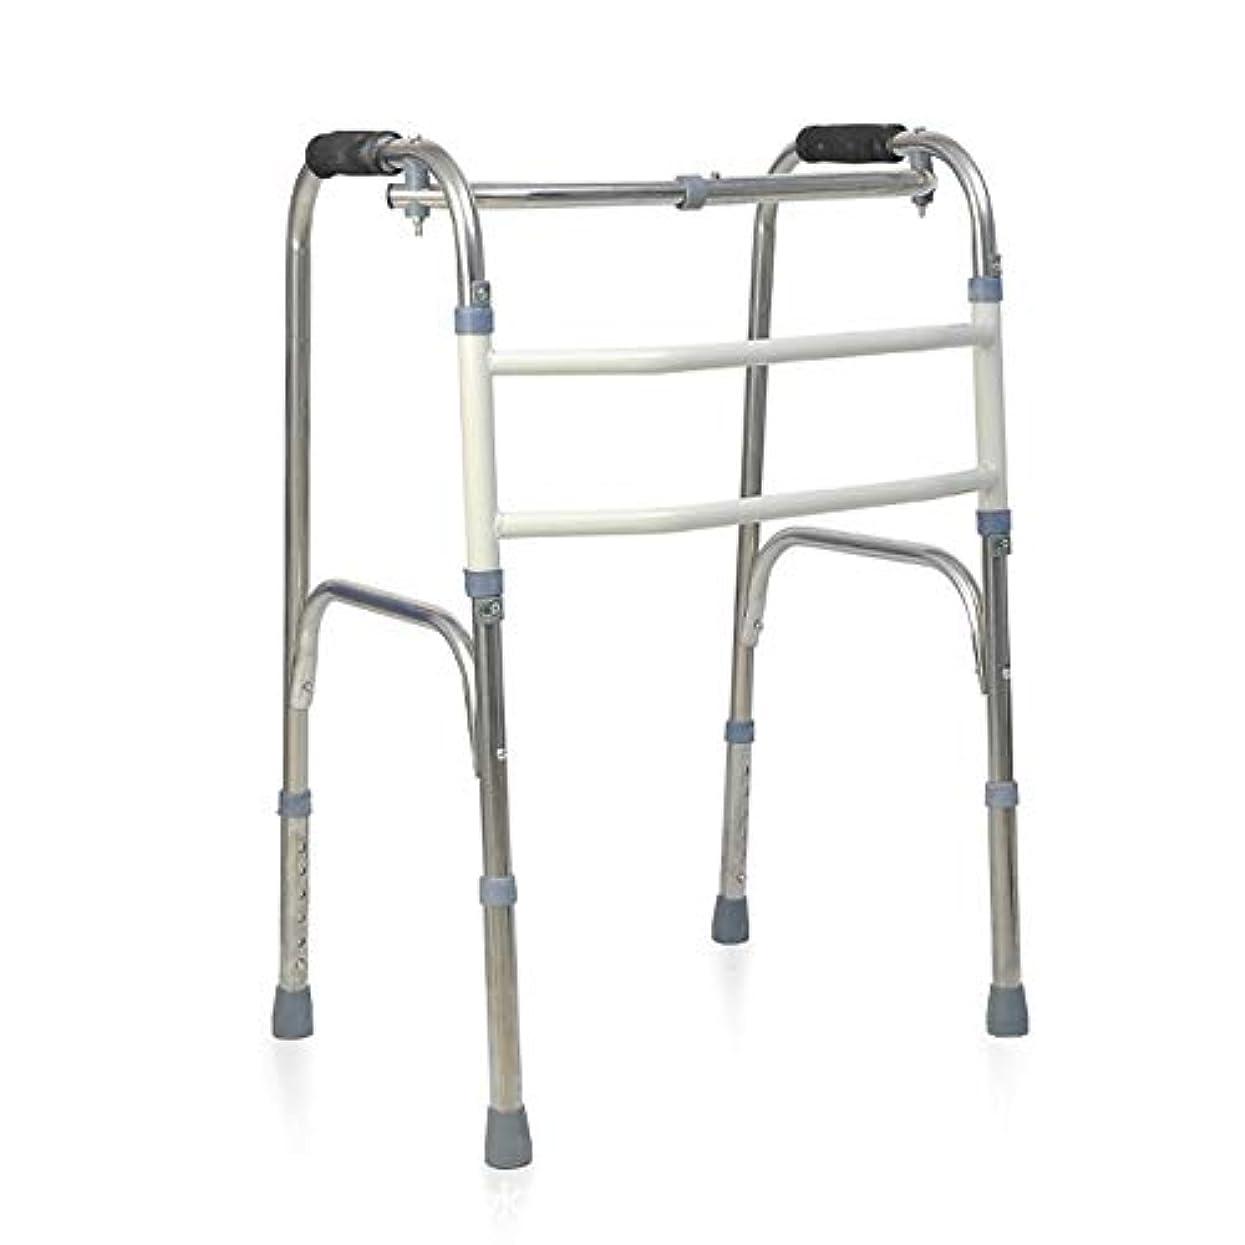 群衆脚本ほうき非車輪付き折りたたみ歩行フレーム、多機能高齢者歩行ブラケット無効双腕歩行器